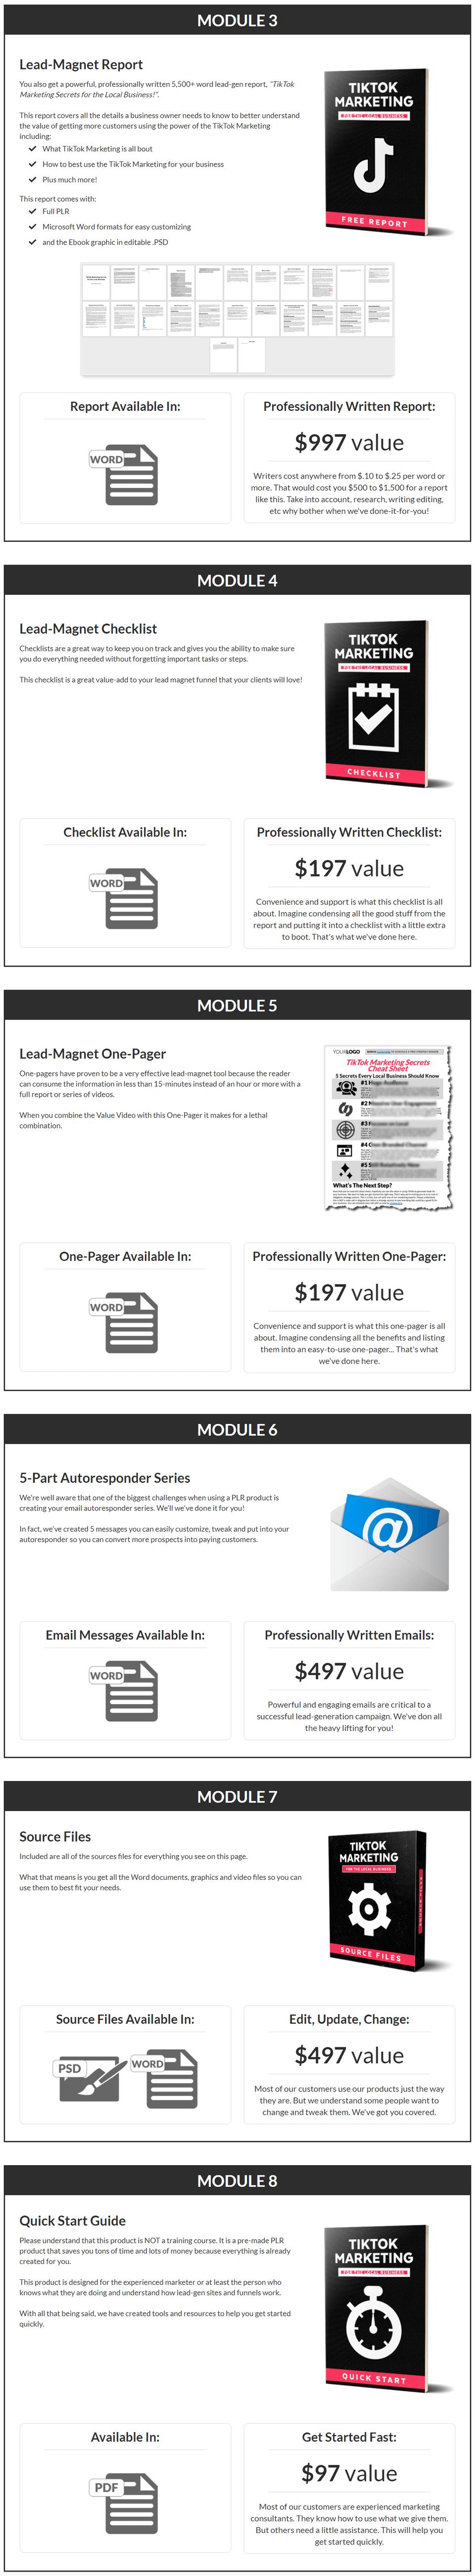 Tiktok-Marketing-Secrets-PLR-feature-2-module